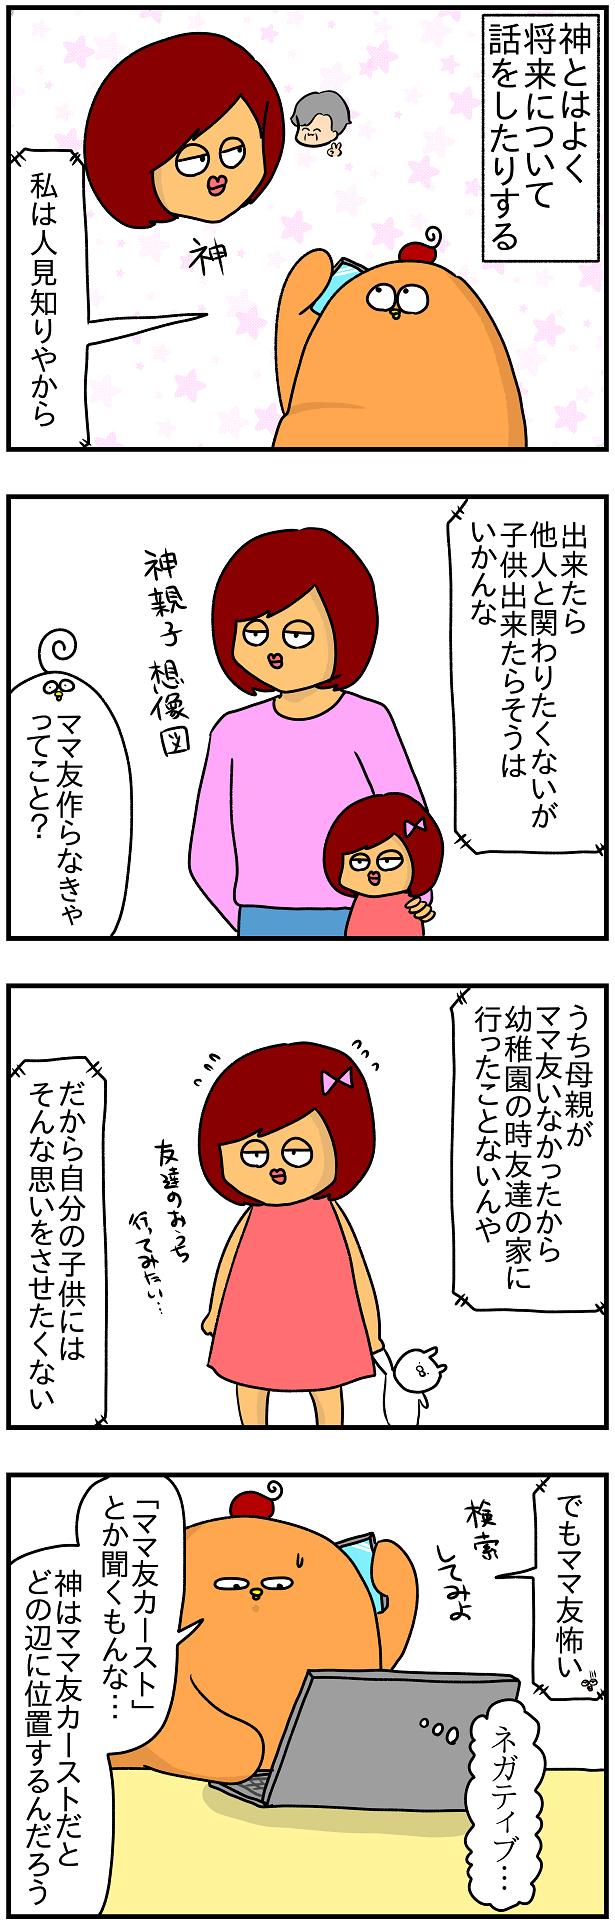 ママ 友 カースト